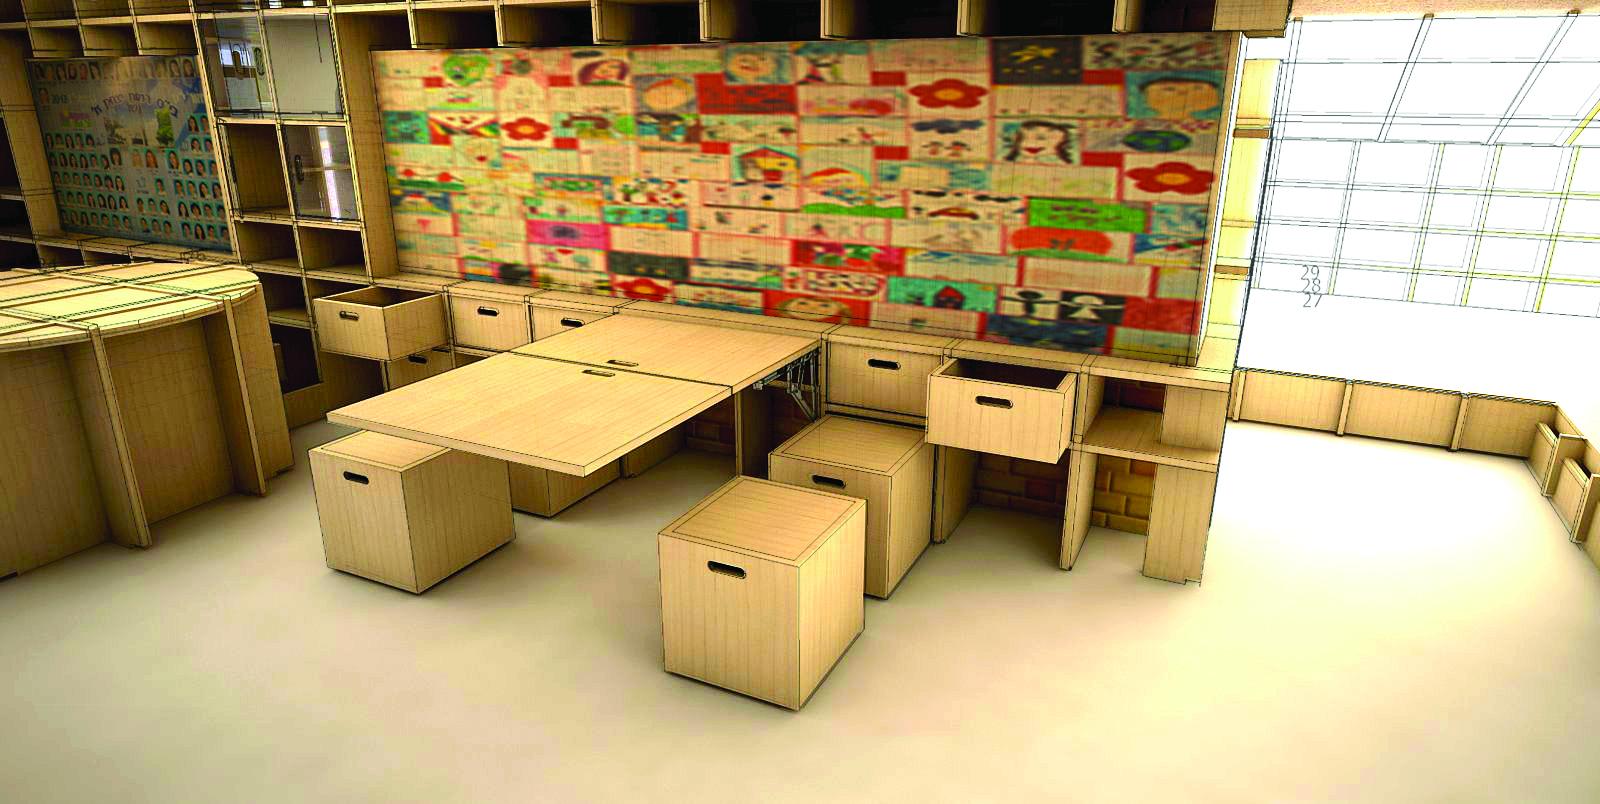 ziv tamir school table